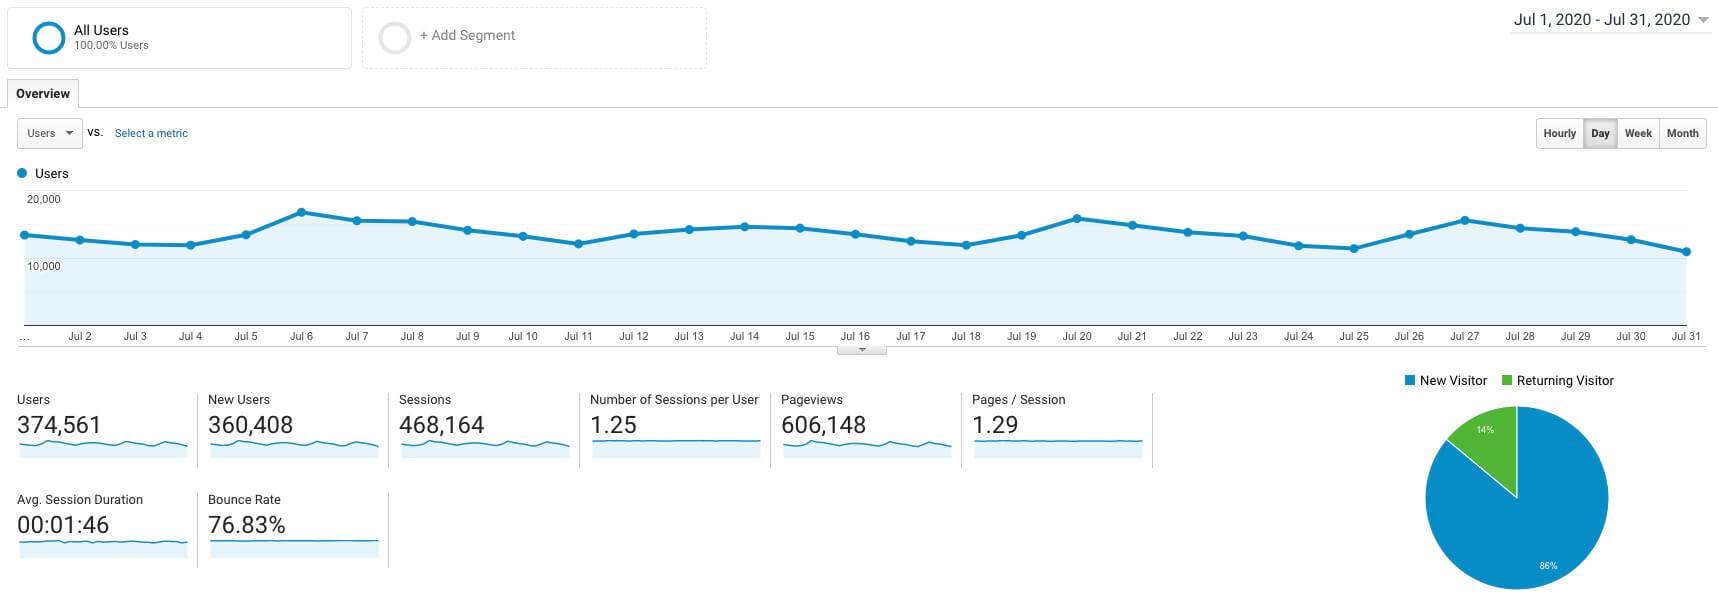 Informe de ingresos del blog de julio de 2020 Captura de pantalla del tráfico de Google Analytics (ryrob)